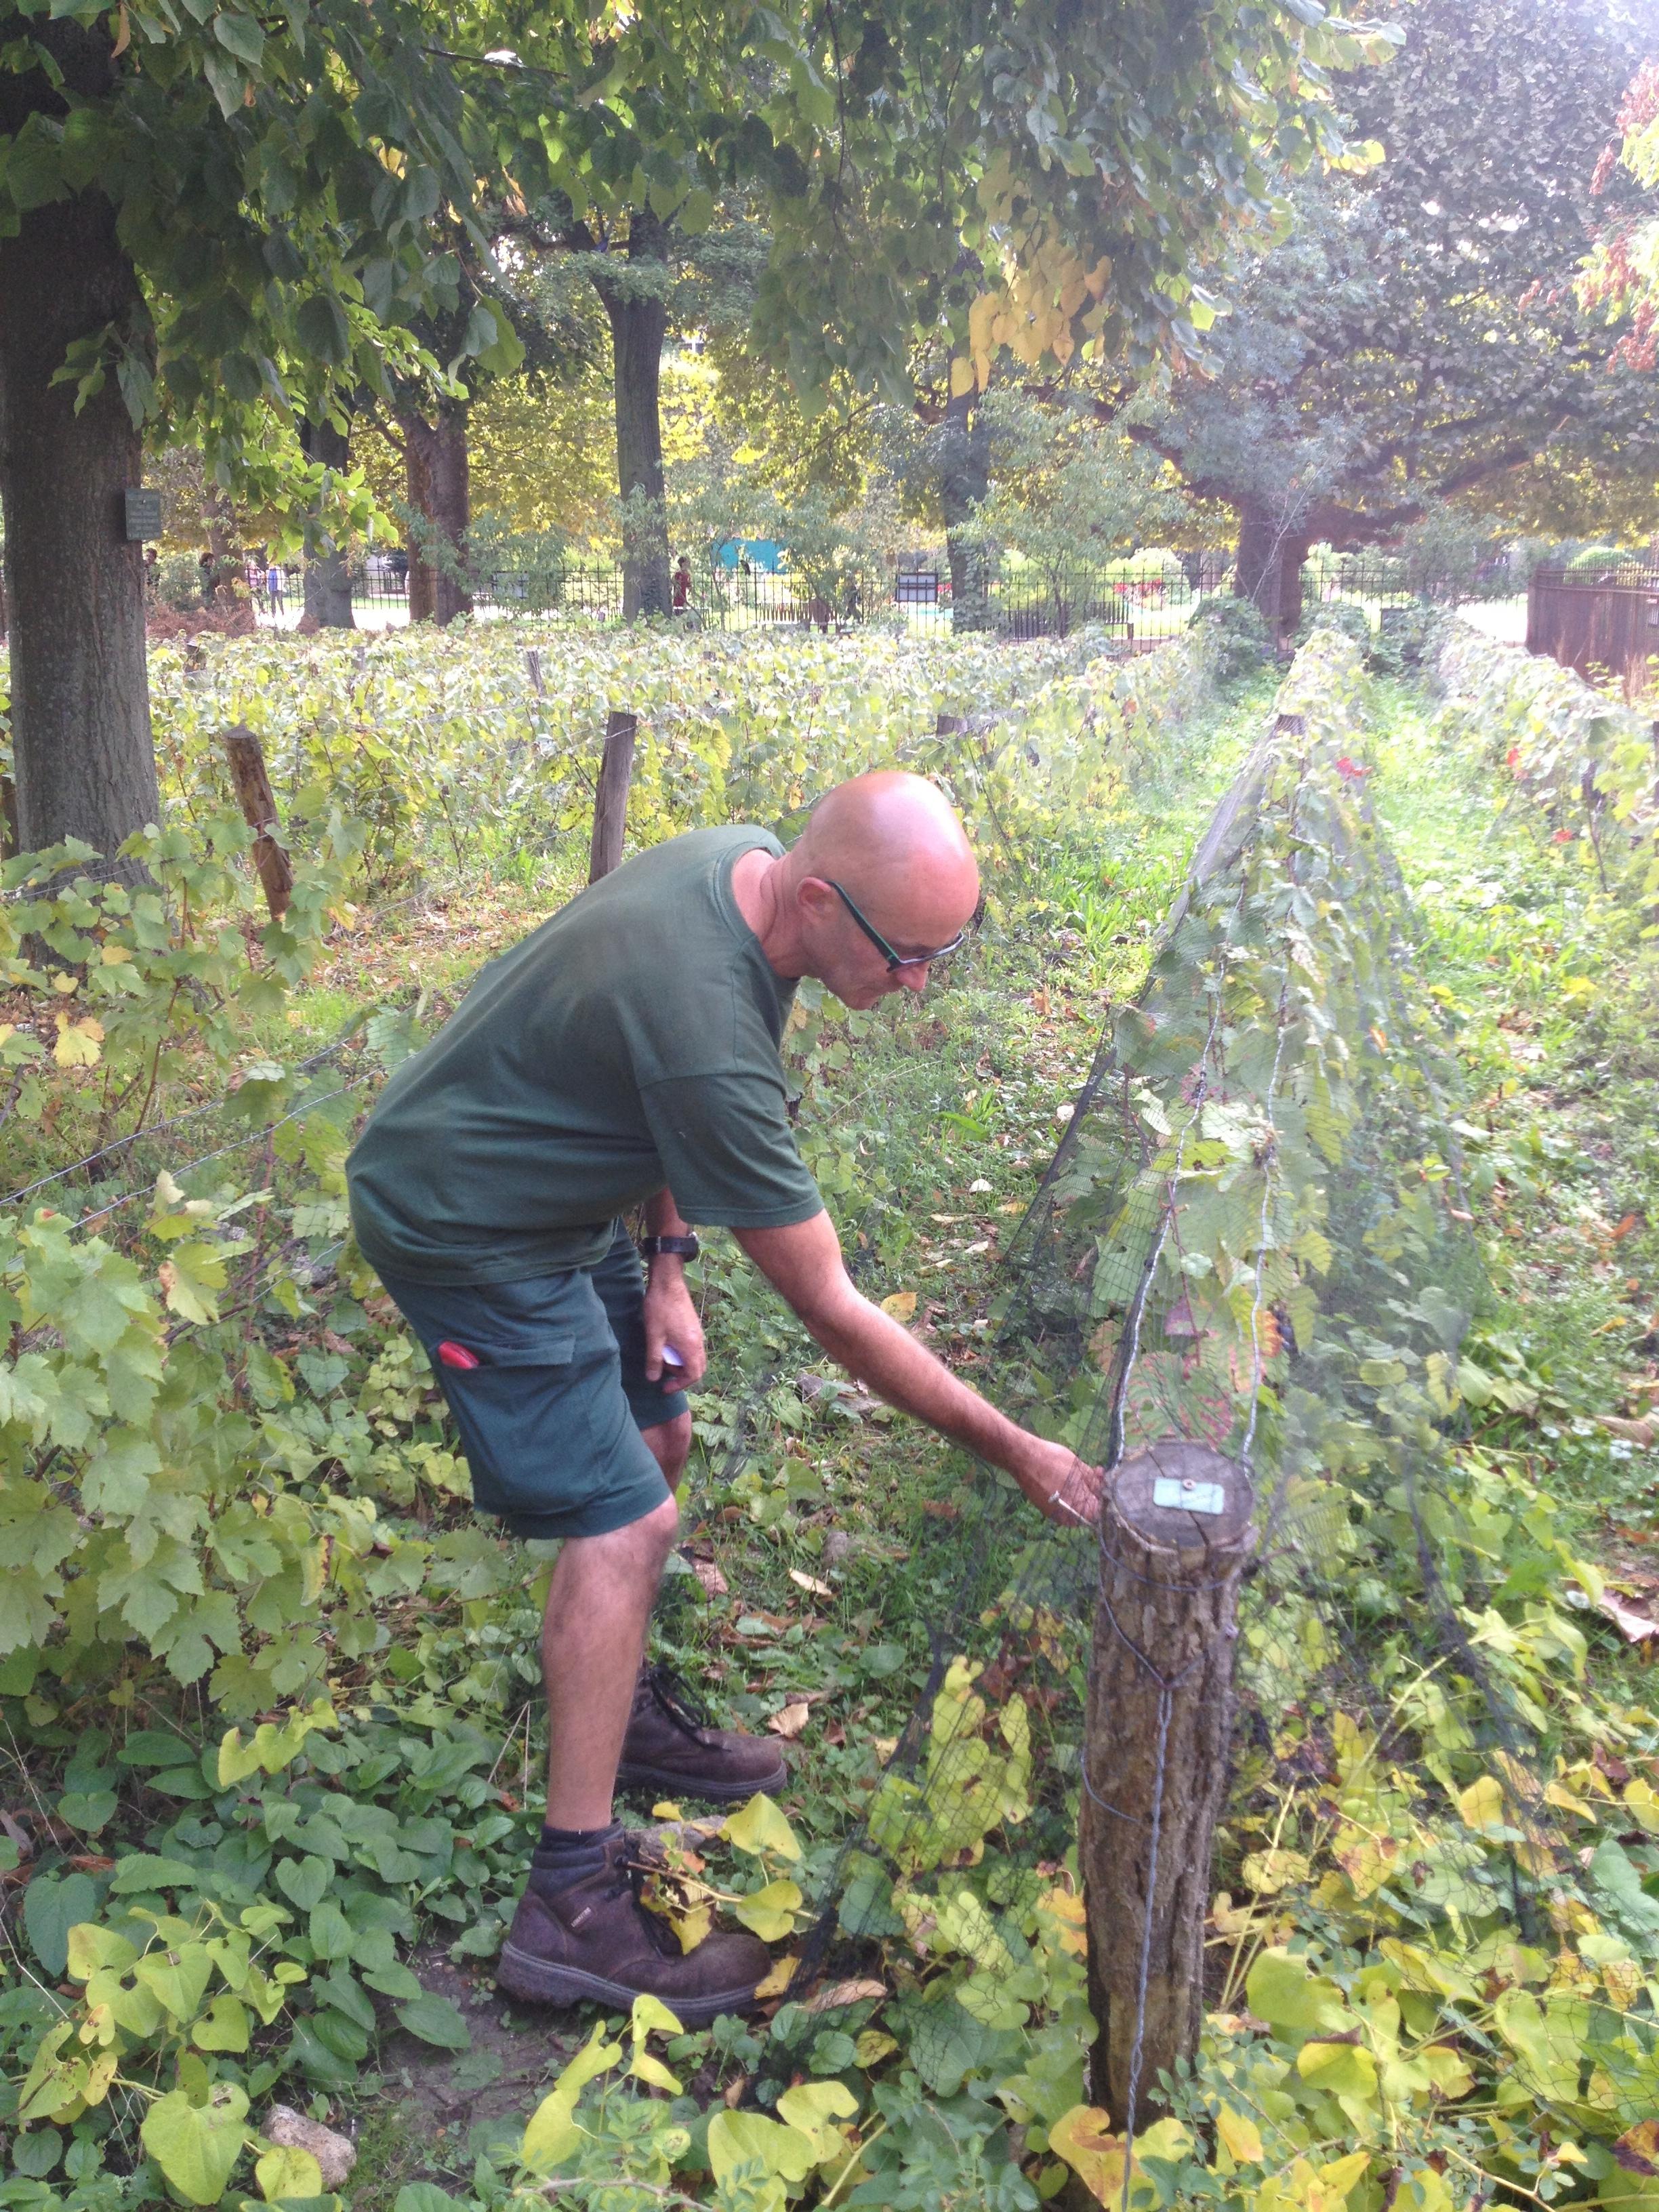 Gardener in vines